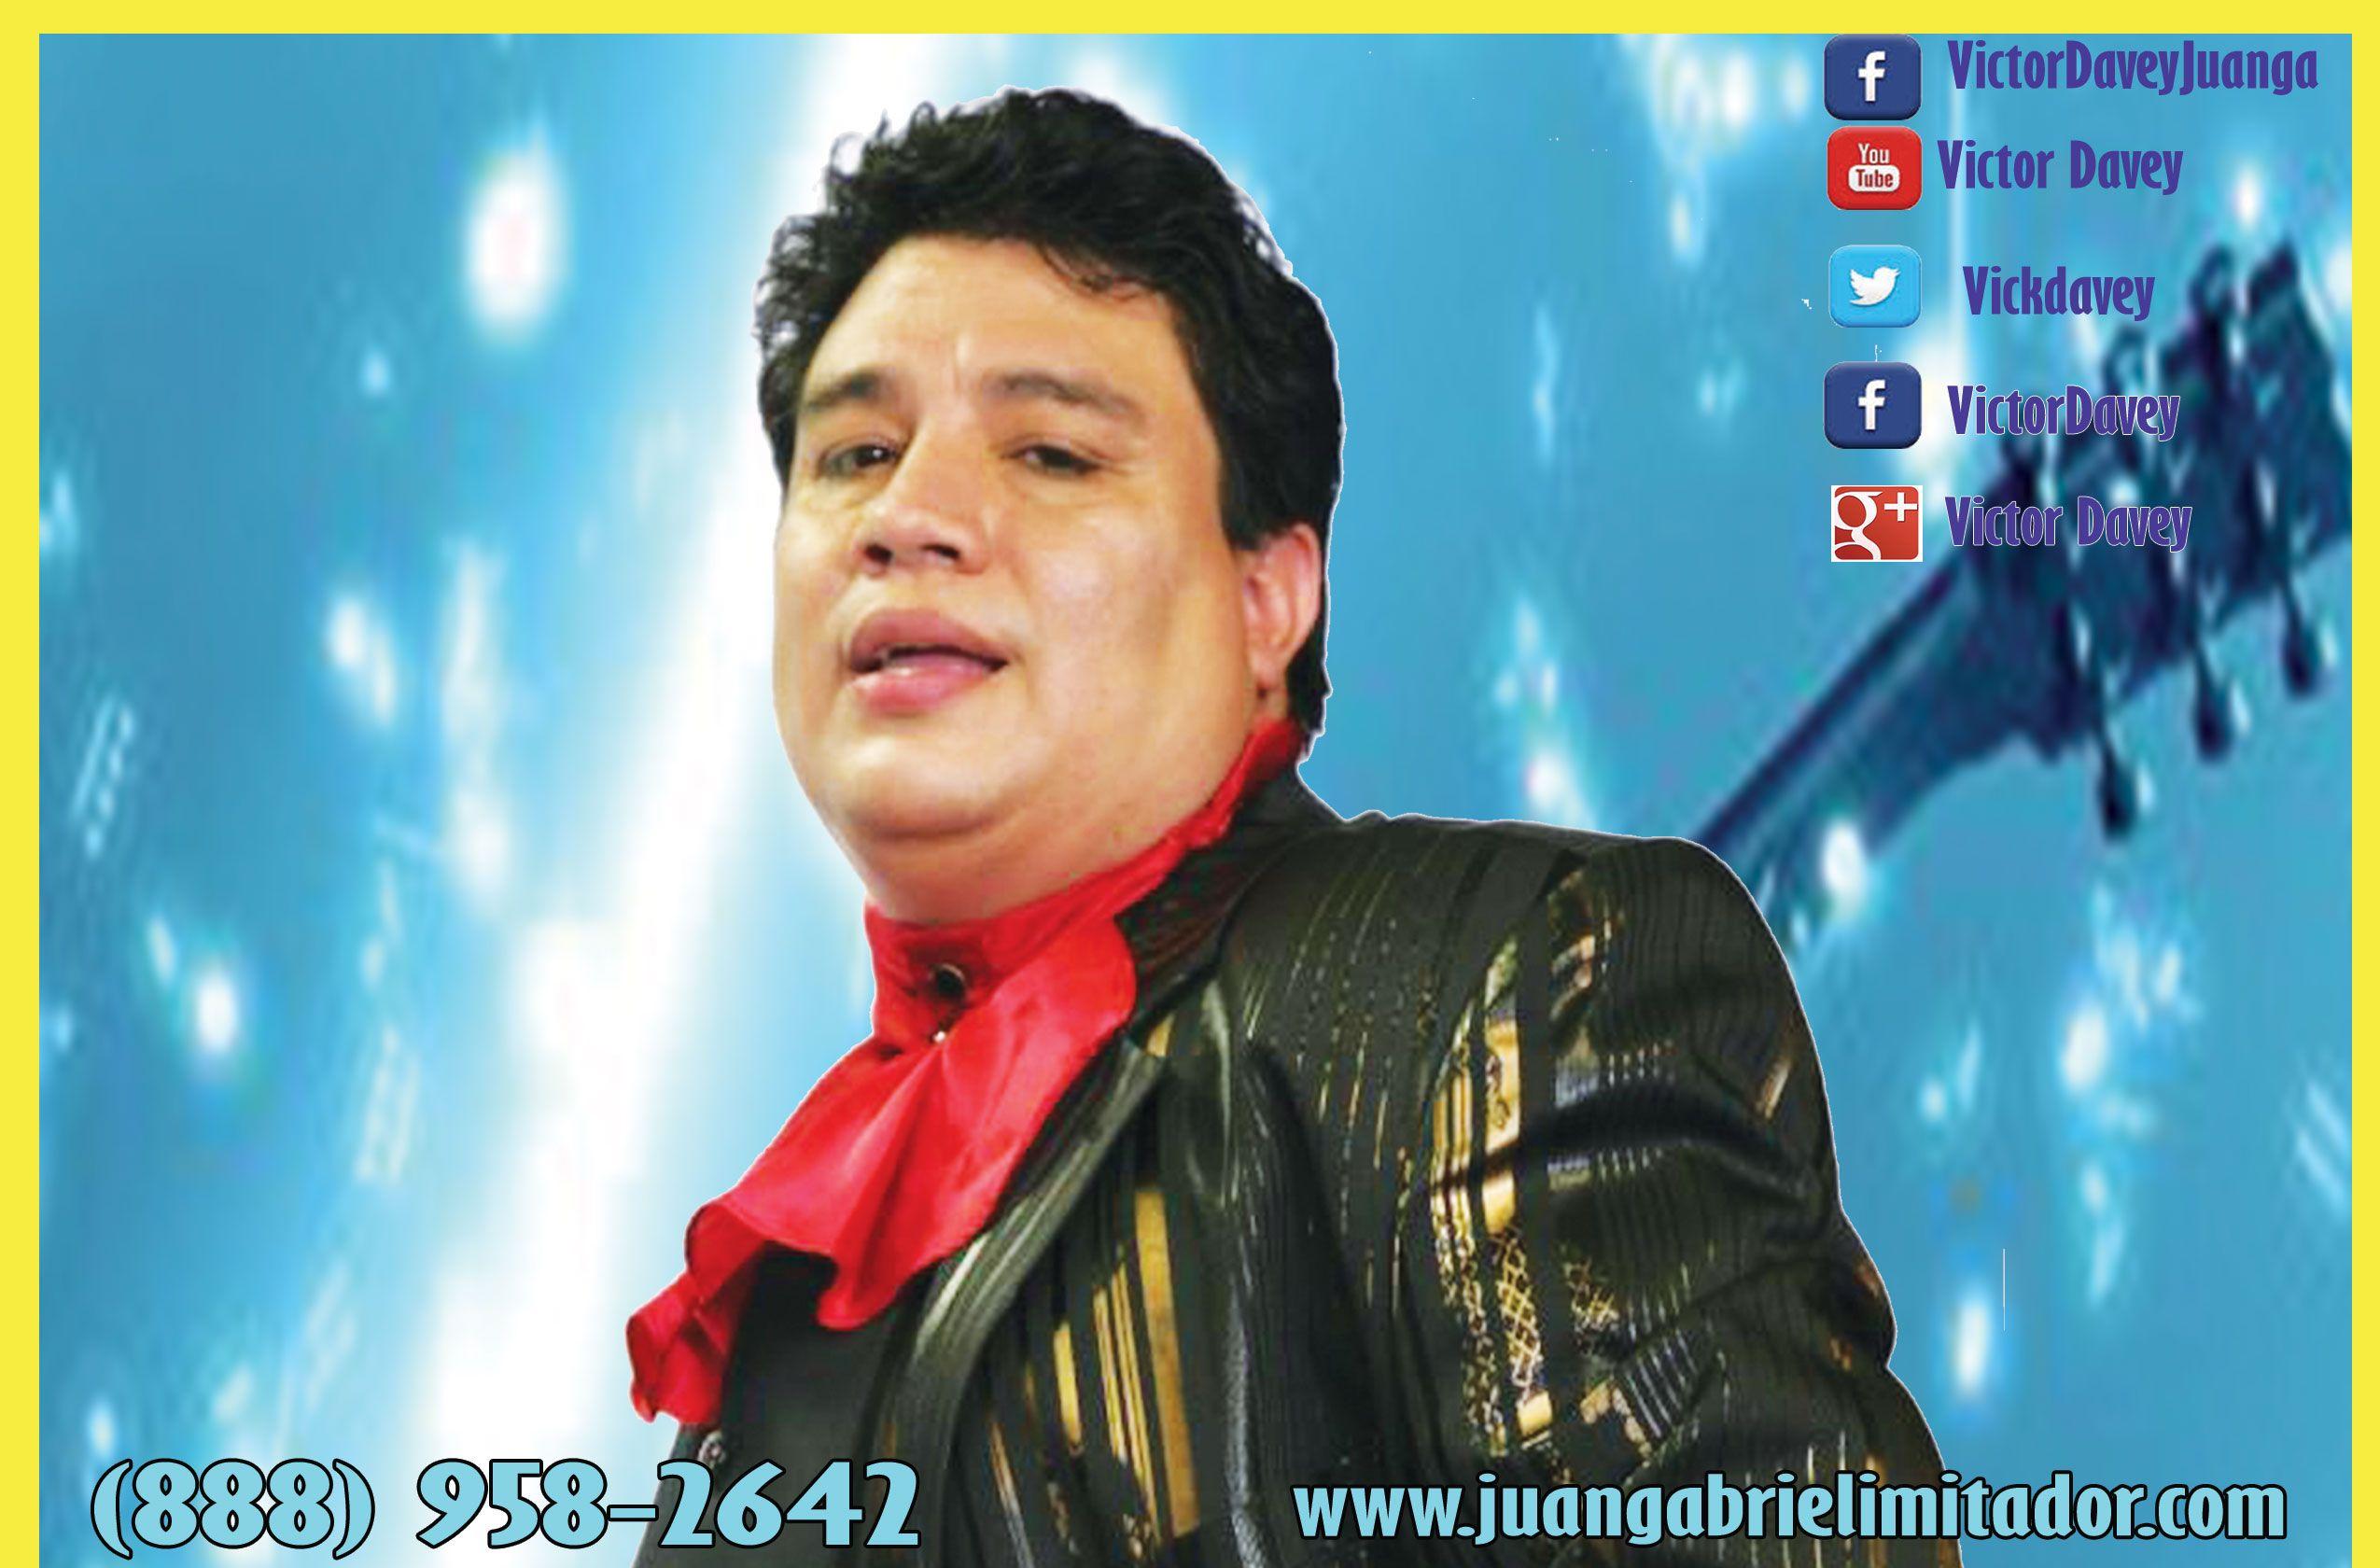 Homenaje a Juan Gabriel - http://www.juangabrielimitador.espanglishmedia.com/homenaje-juan-gabriel/